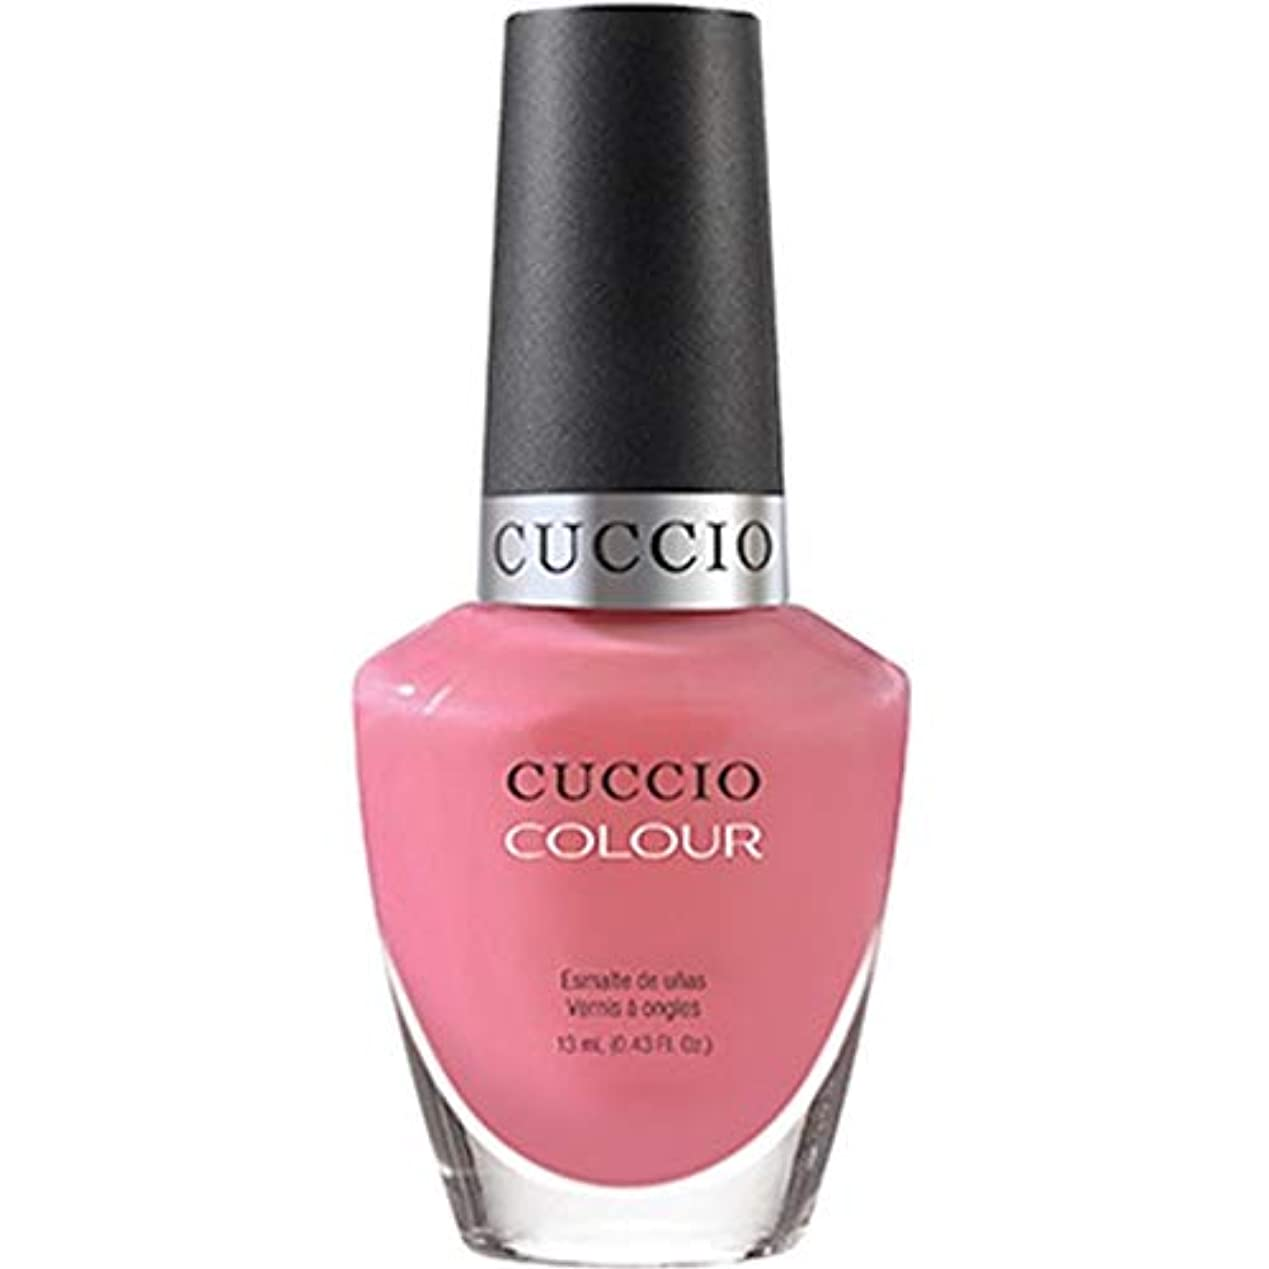 Cuccio Colour Gloss Lacquer - Sweet Treat - 0.43oz / 13ml